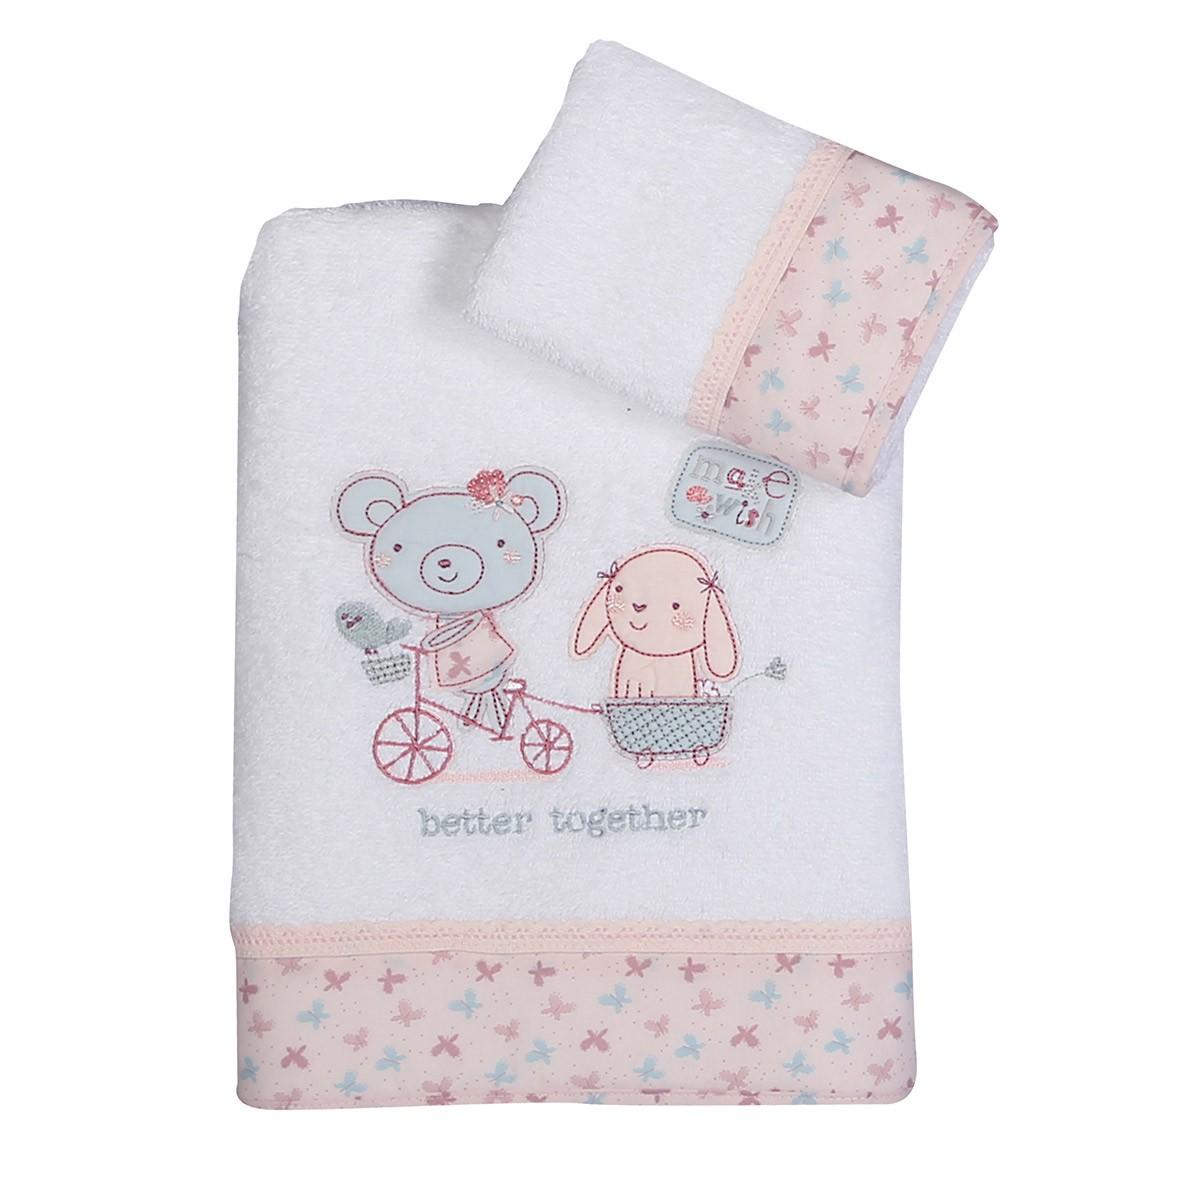 Βρεφικές Πετσέτες (Σετ 2τμχ) Nef-Nef Baby Better Together 88777